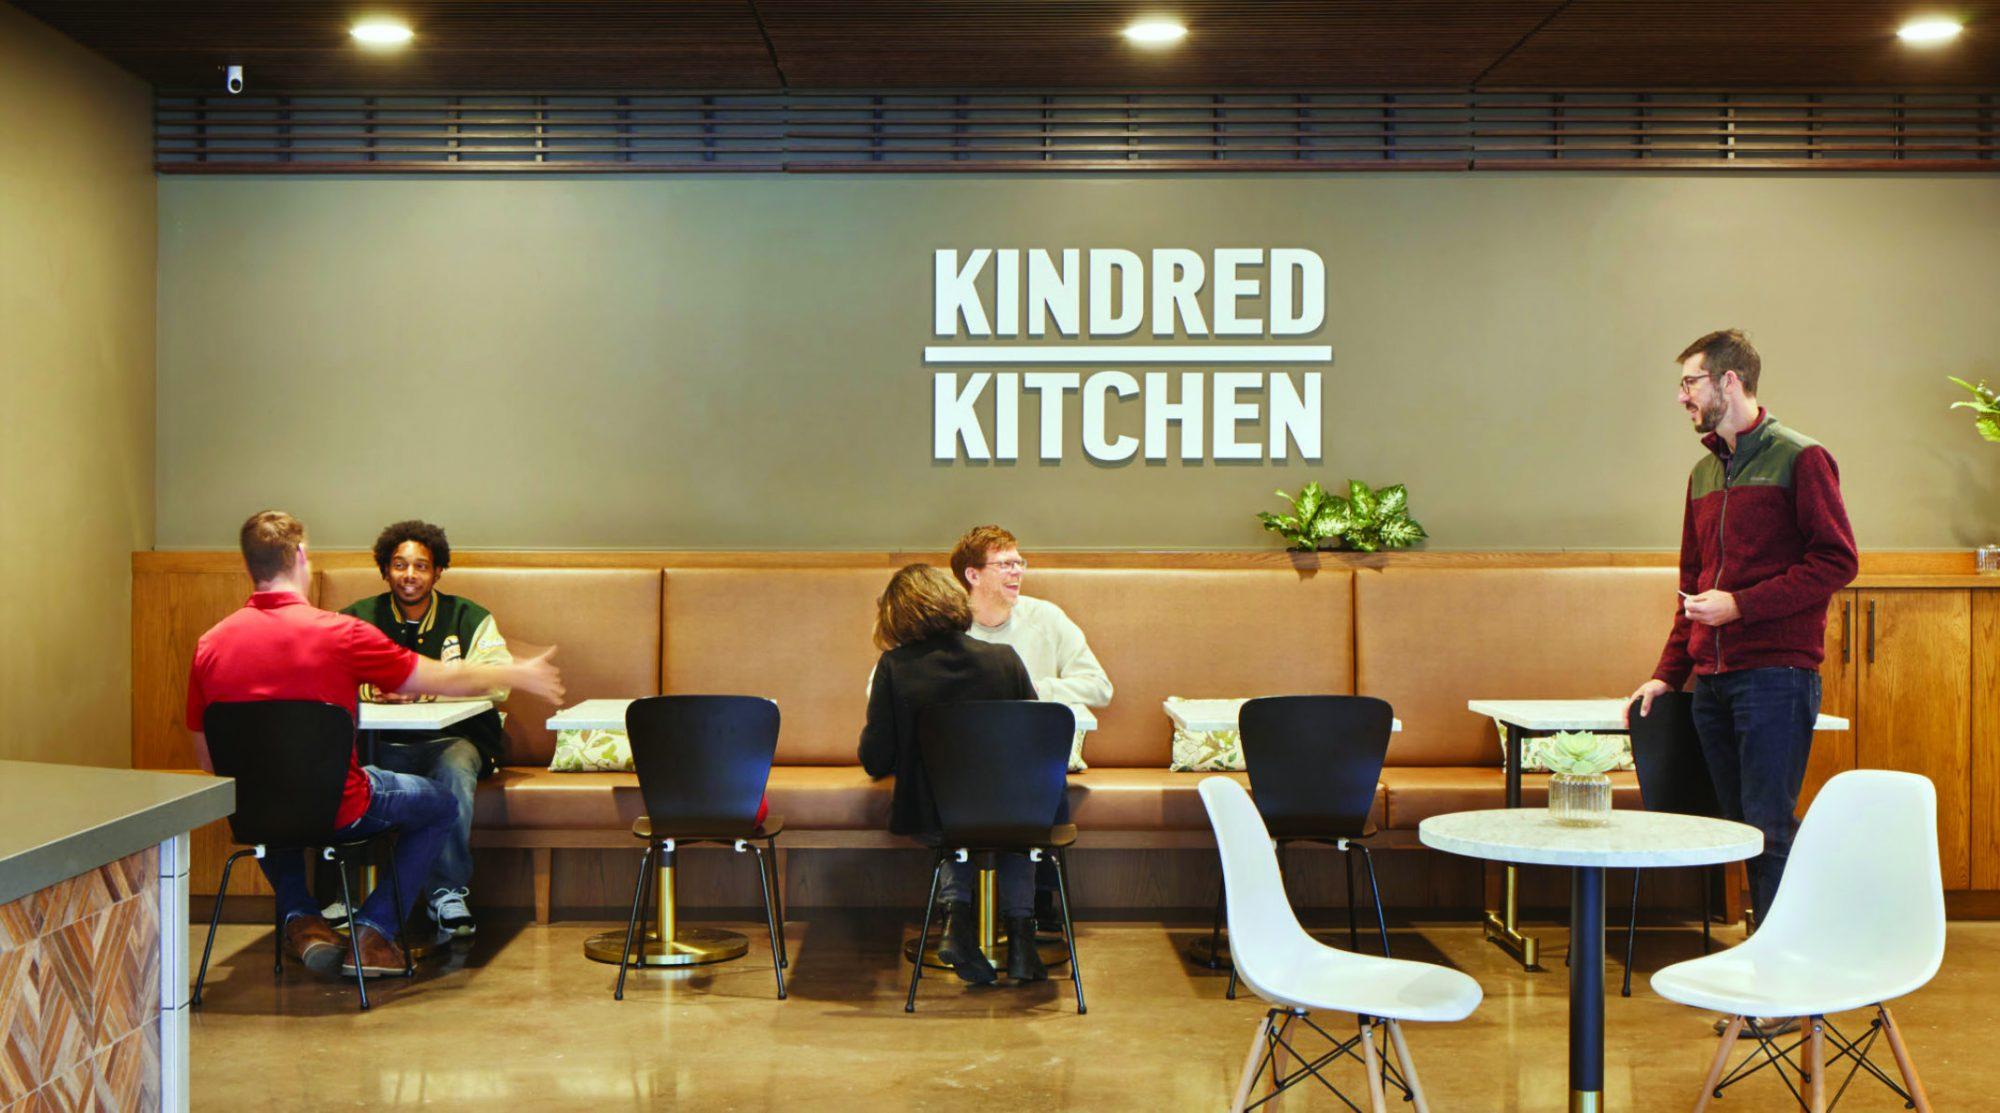 HopeWorks Station's Kindred Kitchen